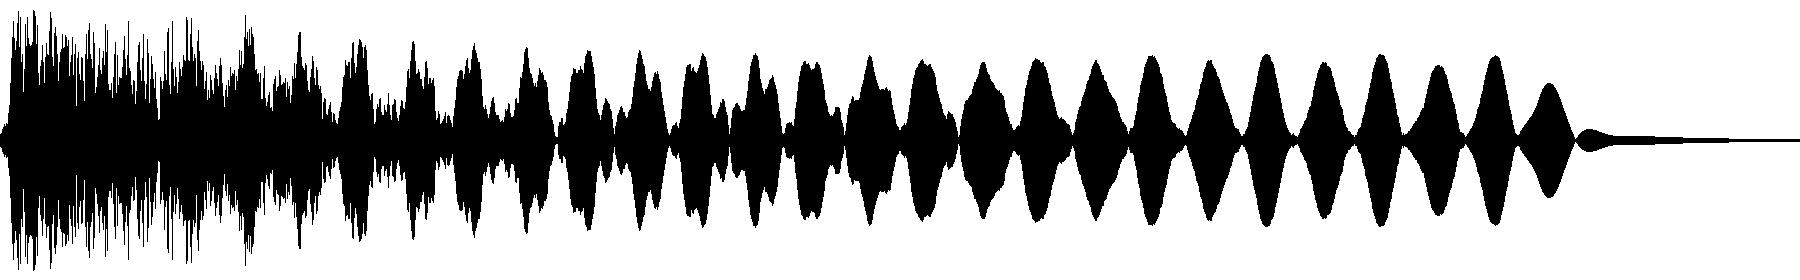 vedh bass cut 050 f